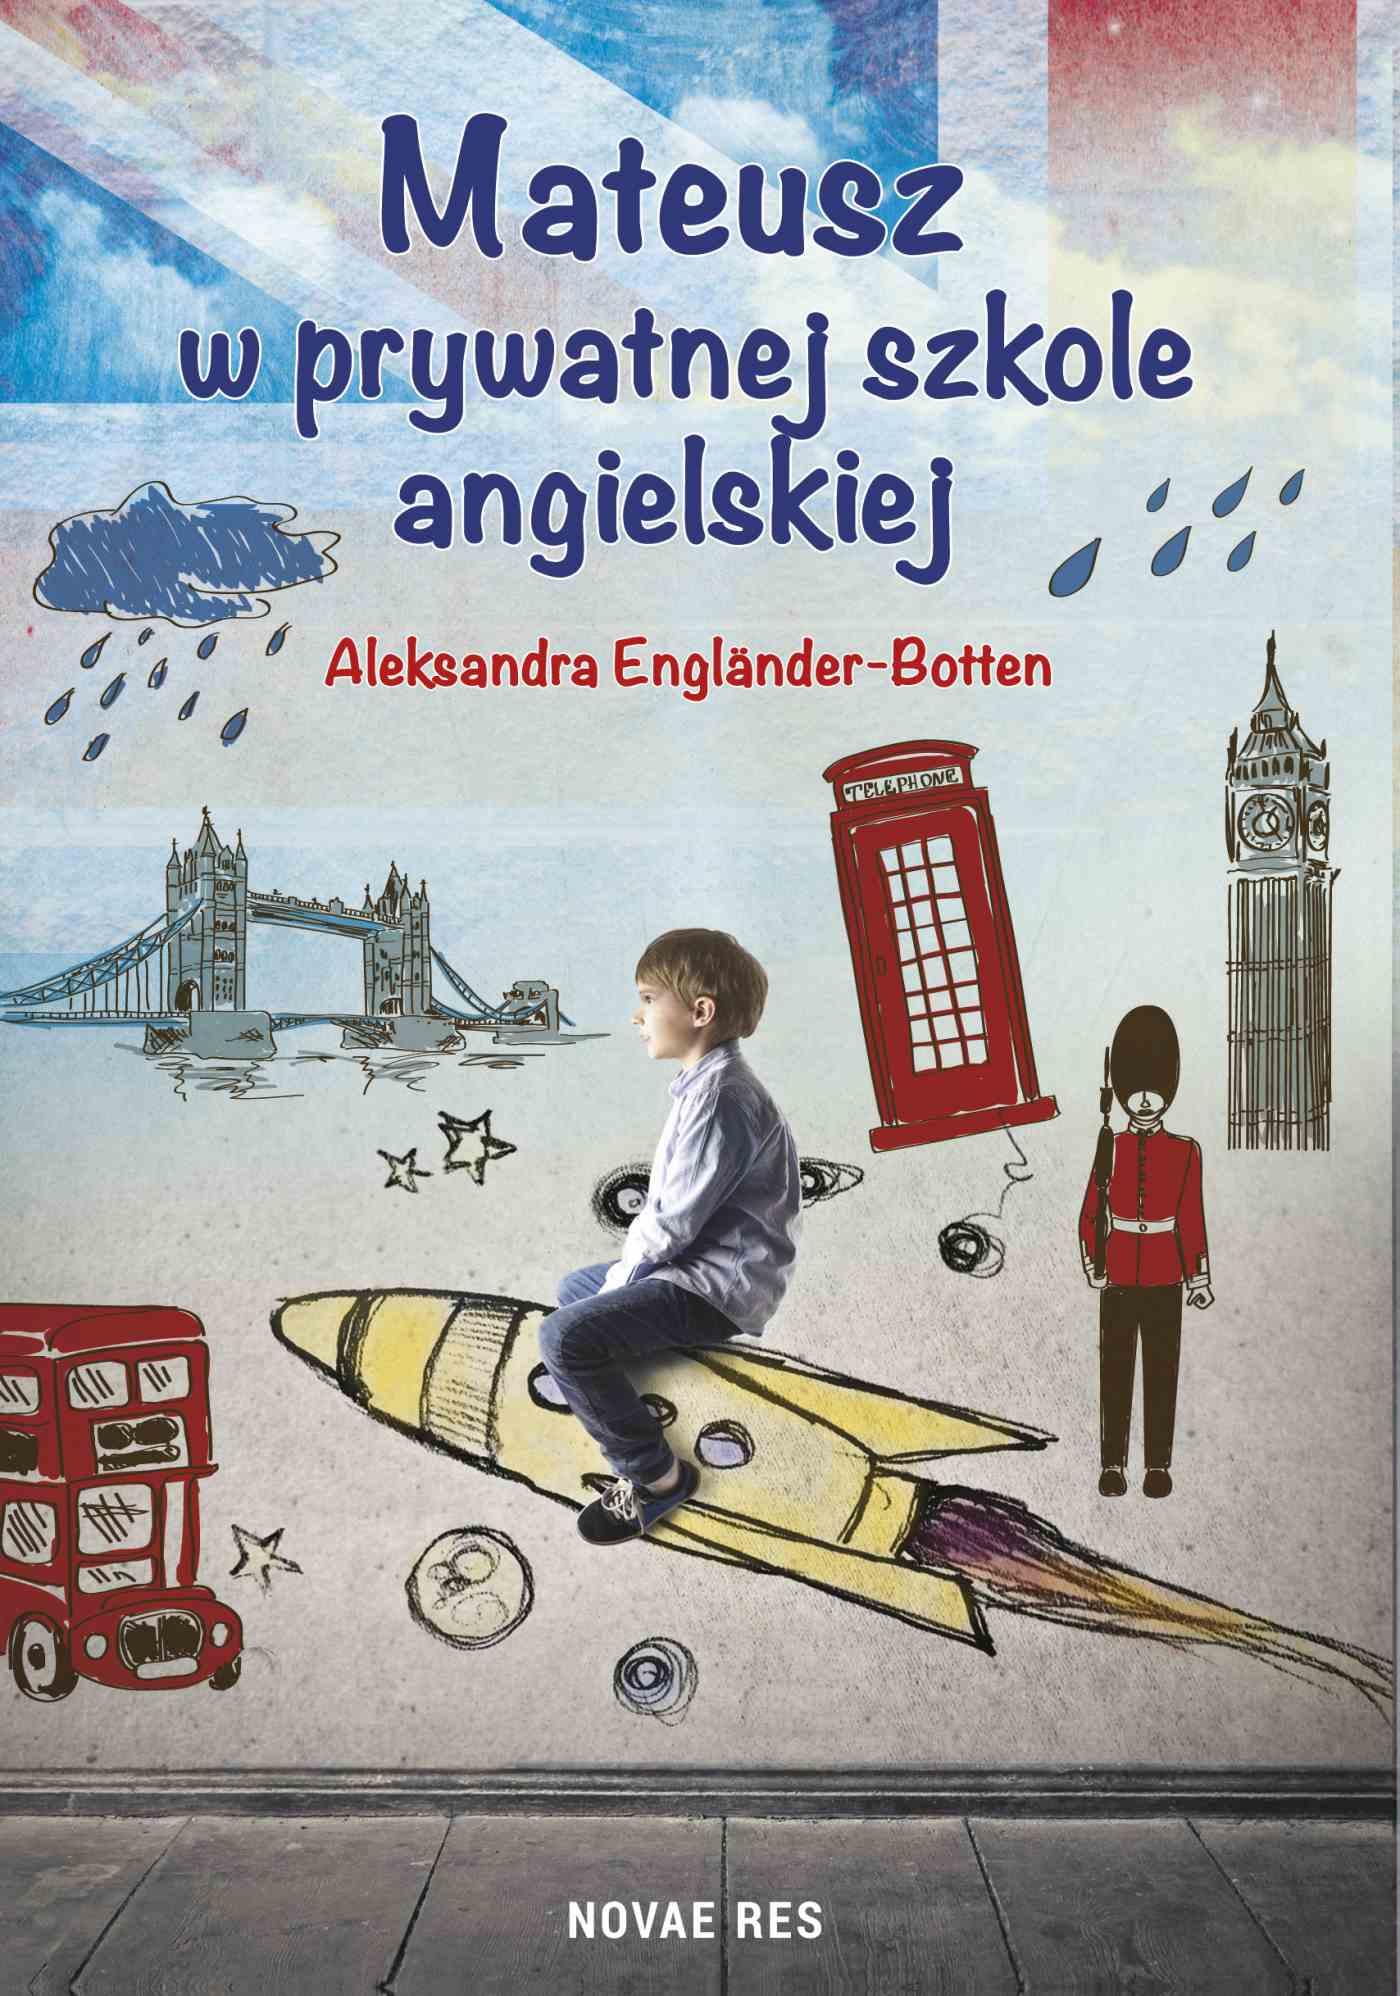 Mateusz w prywatnej szkole angielskiej - Ebook (Książka na Kindle) do pobrania w formacie MOBI